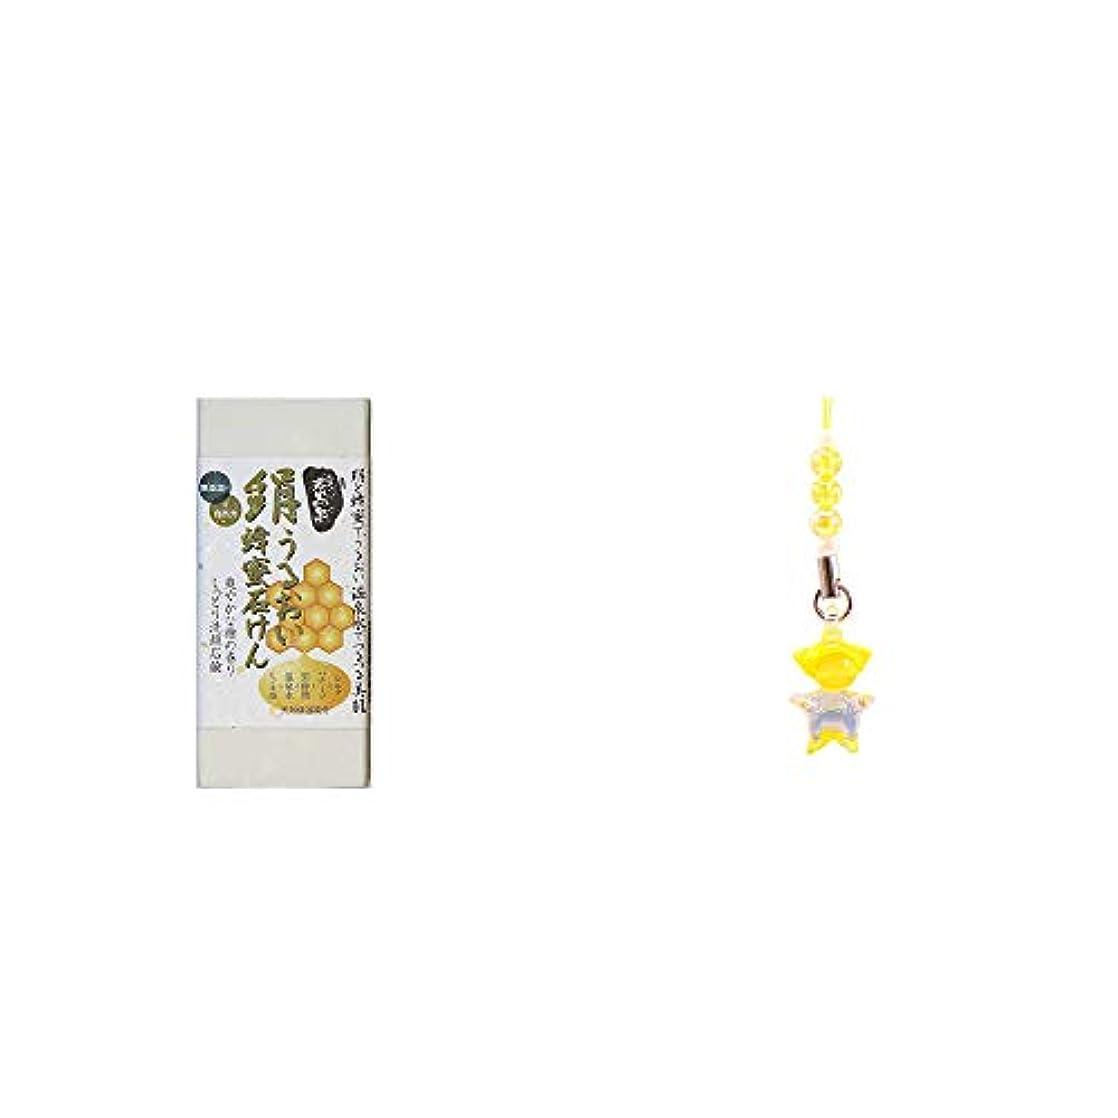 式風刺軍団[2点セット] ひのき炭黒泉 絹うるおい蜂蜜石けん(75g×2)?ガラスのさるぼぼ 手作りキーホルダー 【黄】 /金運?ギャンブル運?財運?宝くじ当選祈願//